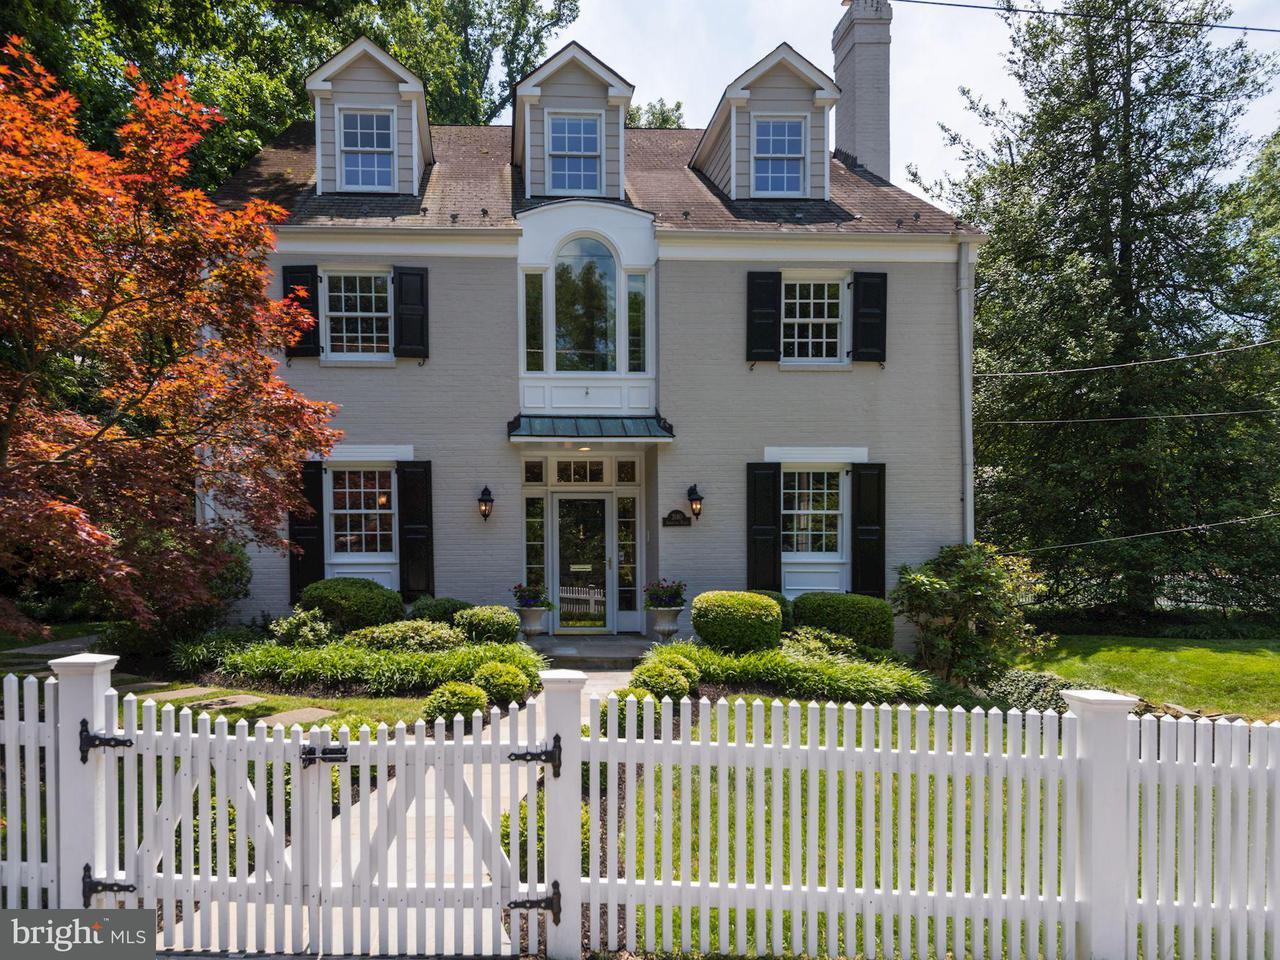 獨棟家庭住宅 為 出售 在 3140 ABERFOYLE PL NW 3140 ABERFOYLE PL NW Washington, 哥倫比亞特區 20015 美國